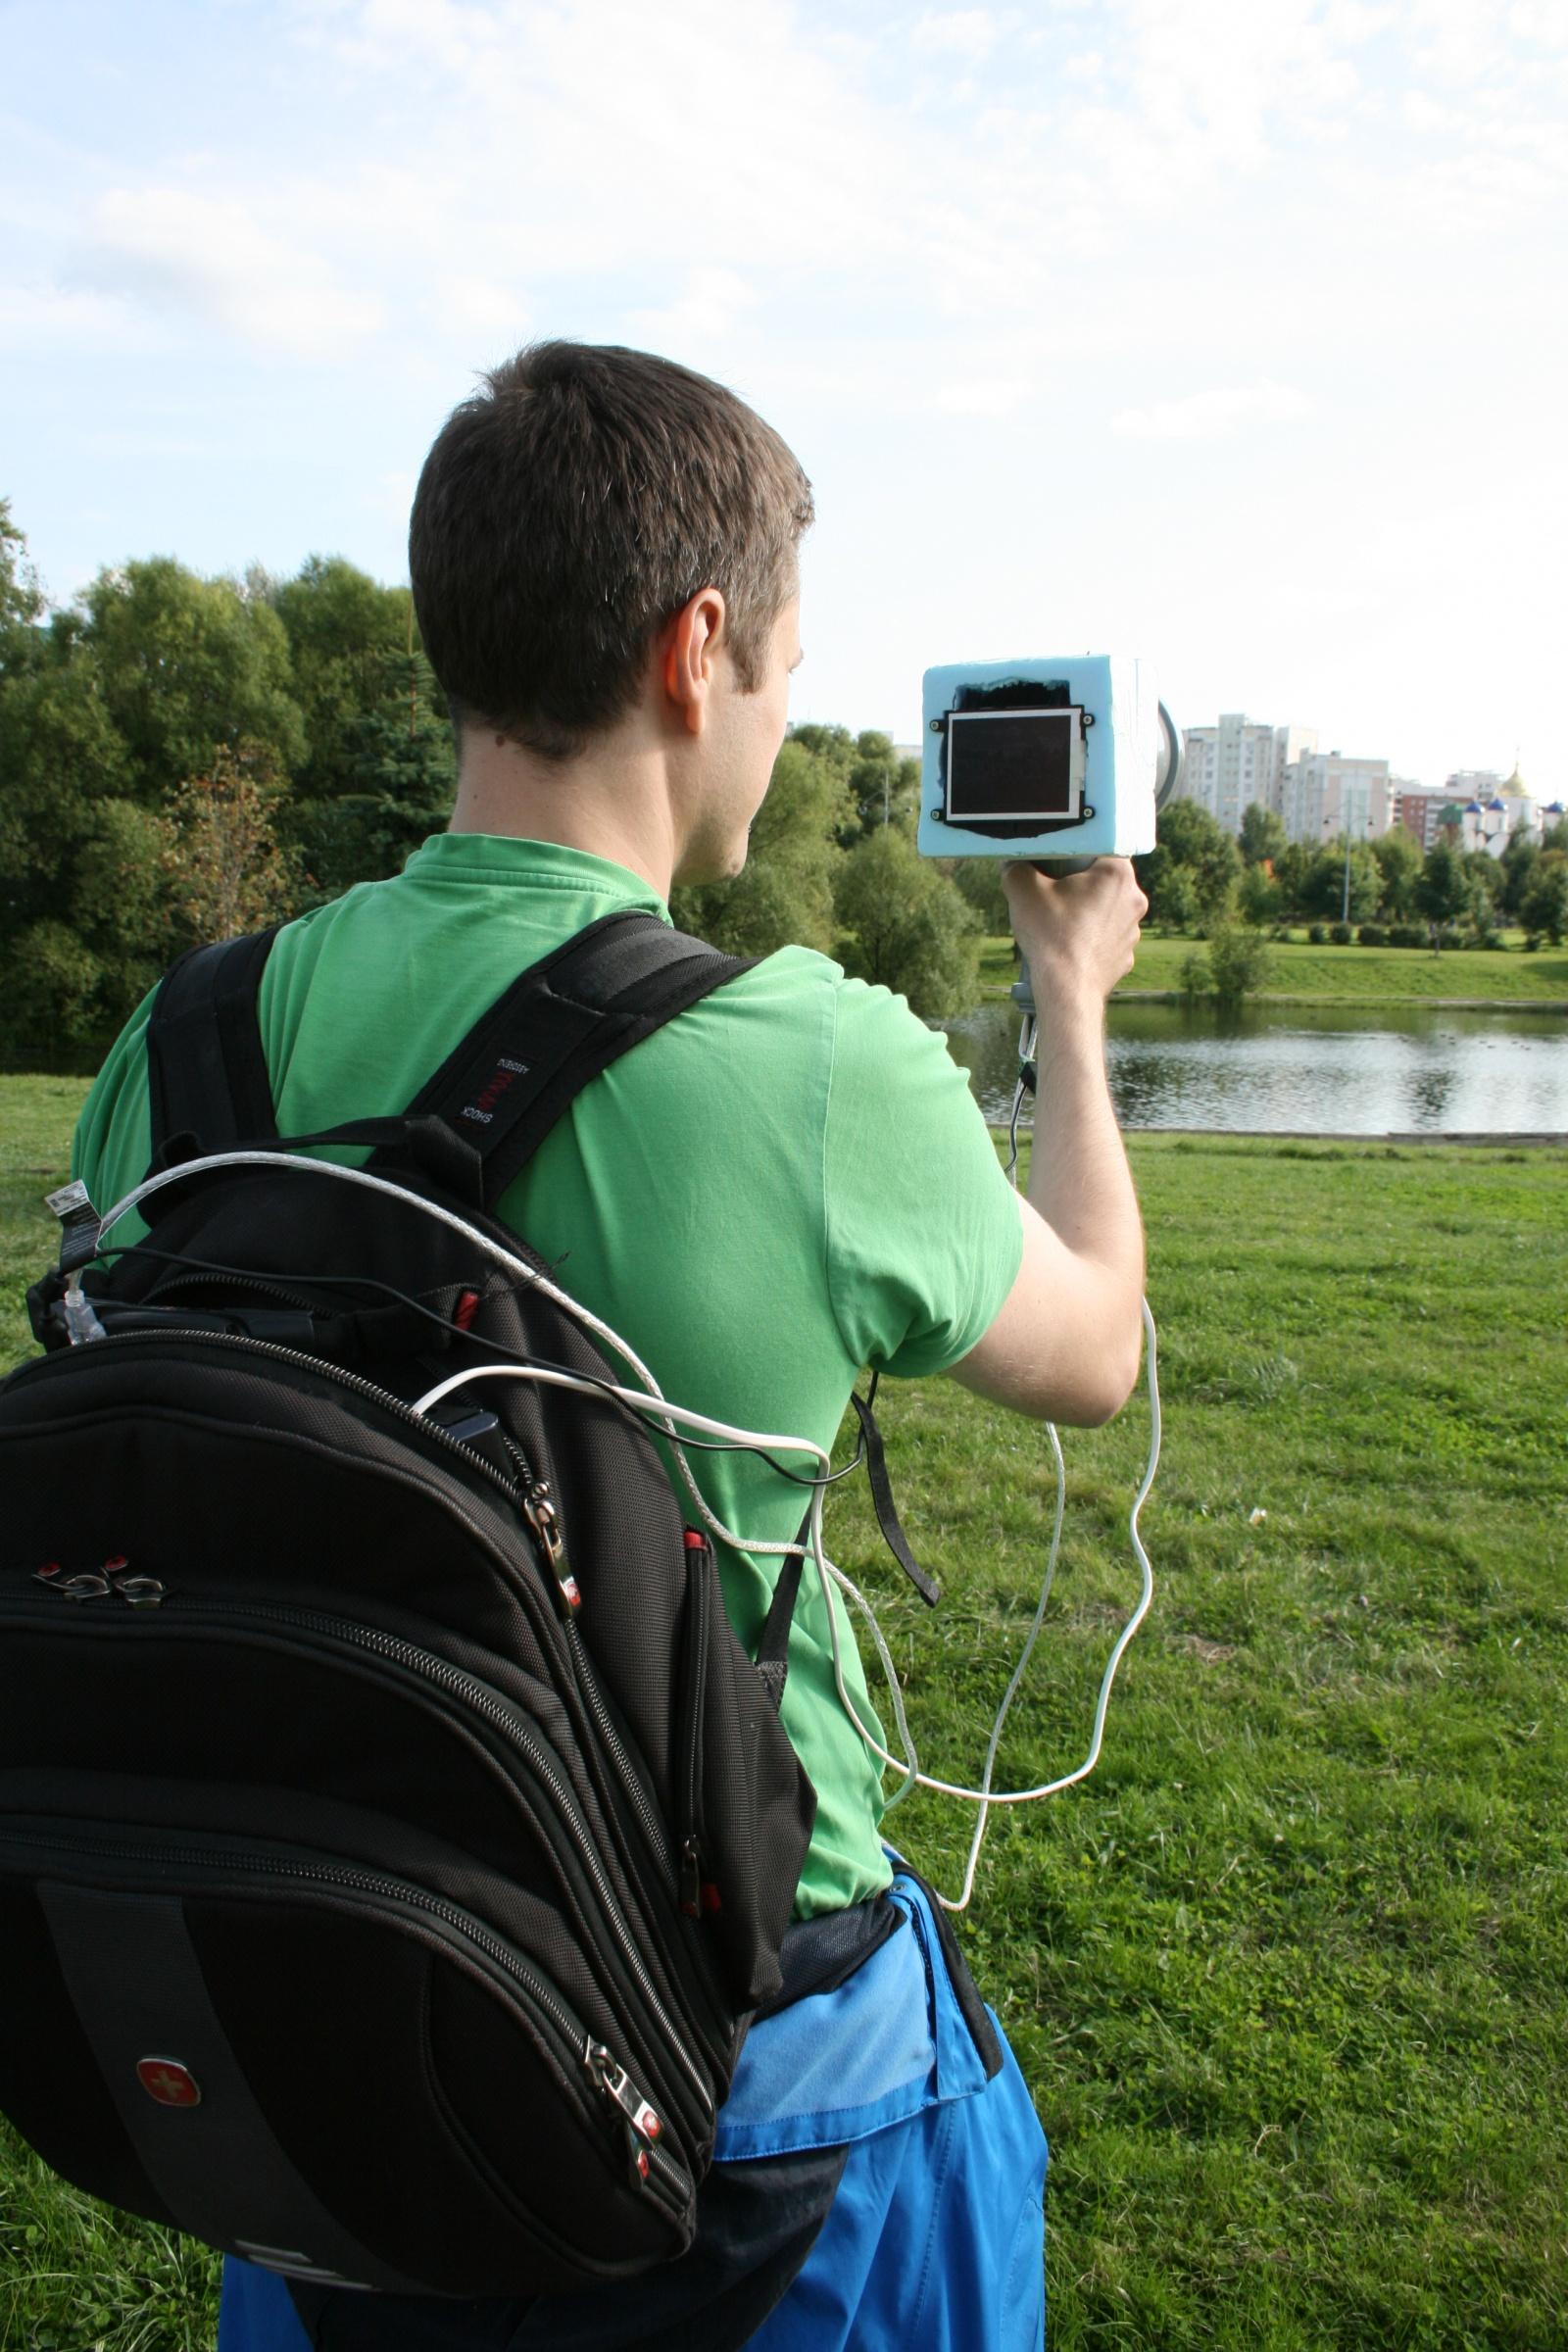 Инфракрасная видеокамера из подручных средств - 1